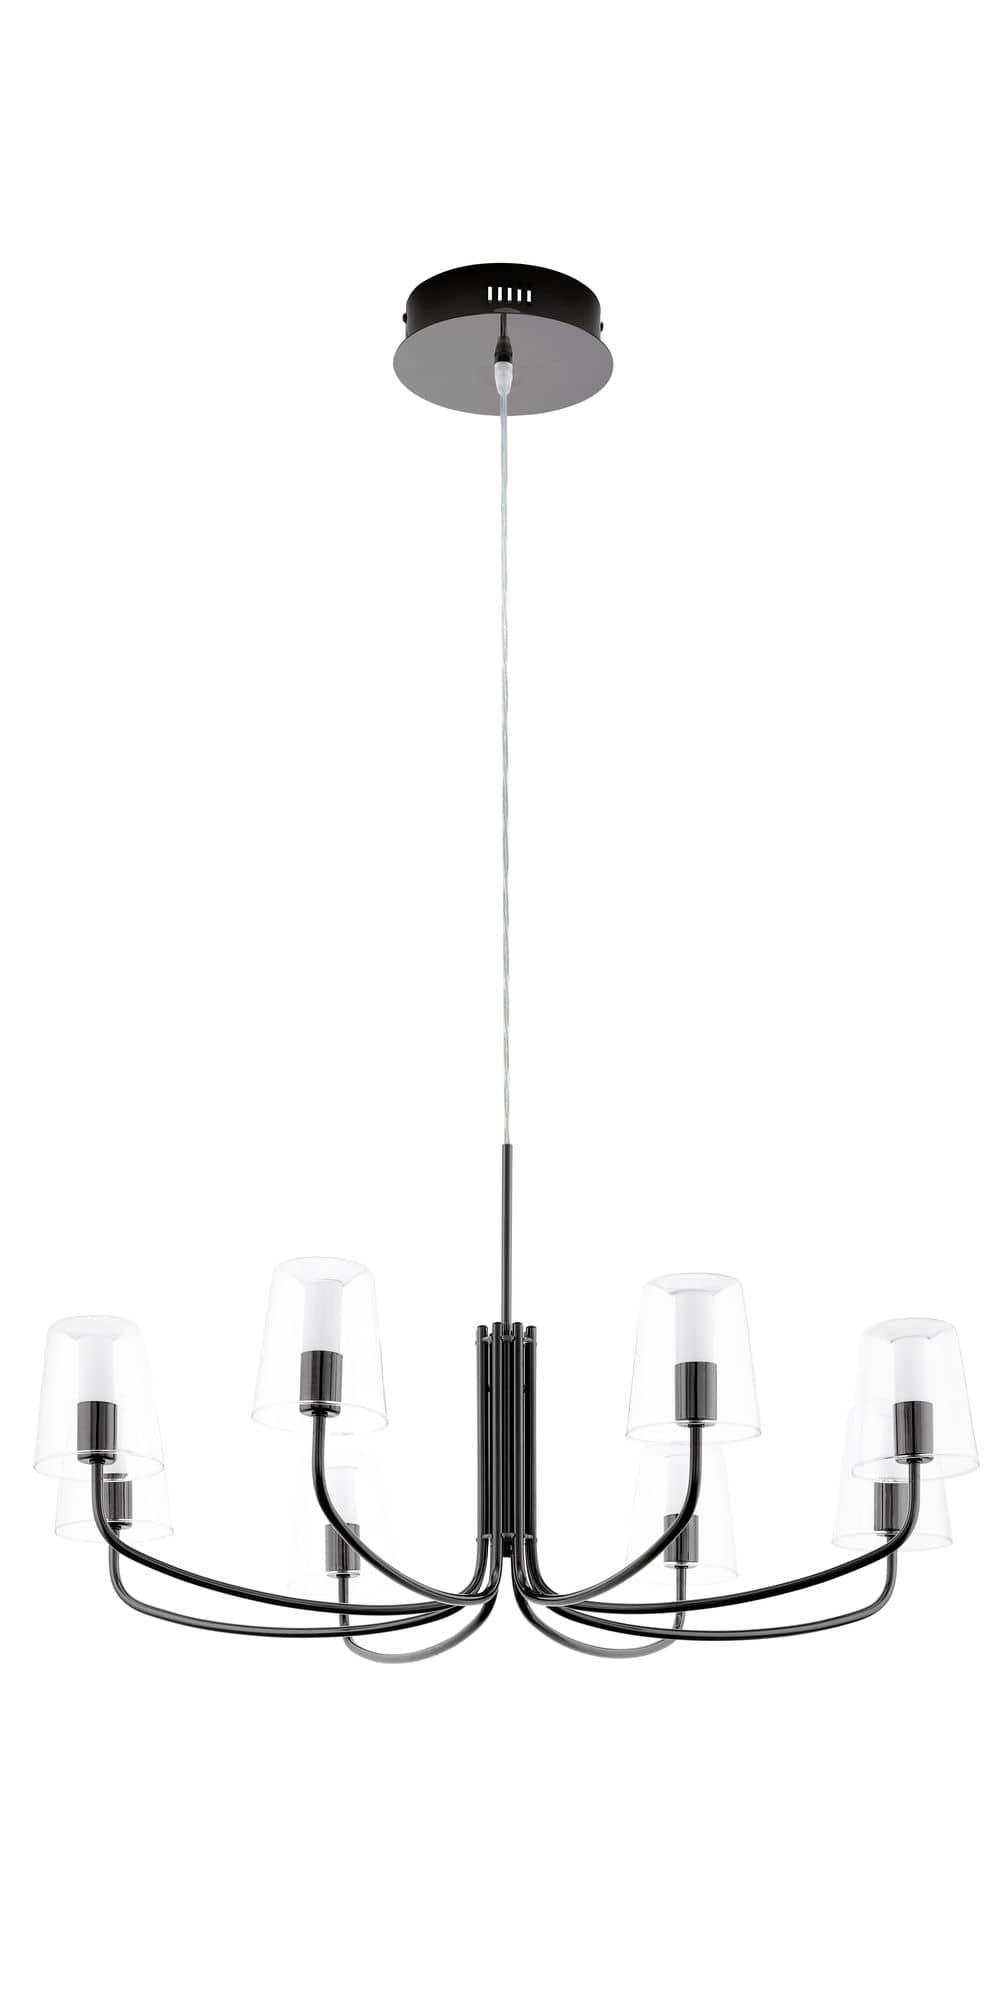 eglo 95006 noventa led h ngeleuchte 8x3 3w nickel nero klar weiss. Black Bedroom Furniture Sets. Home Design Ideas